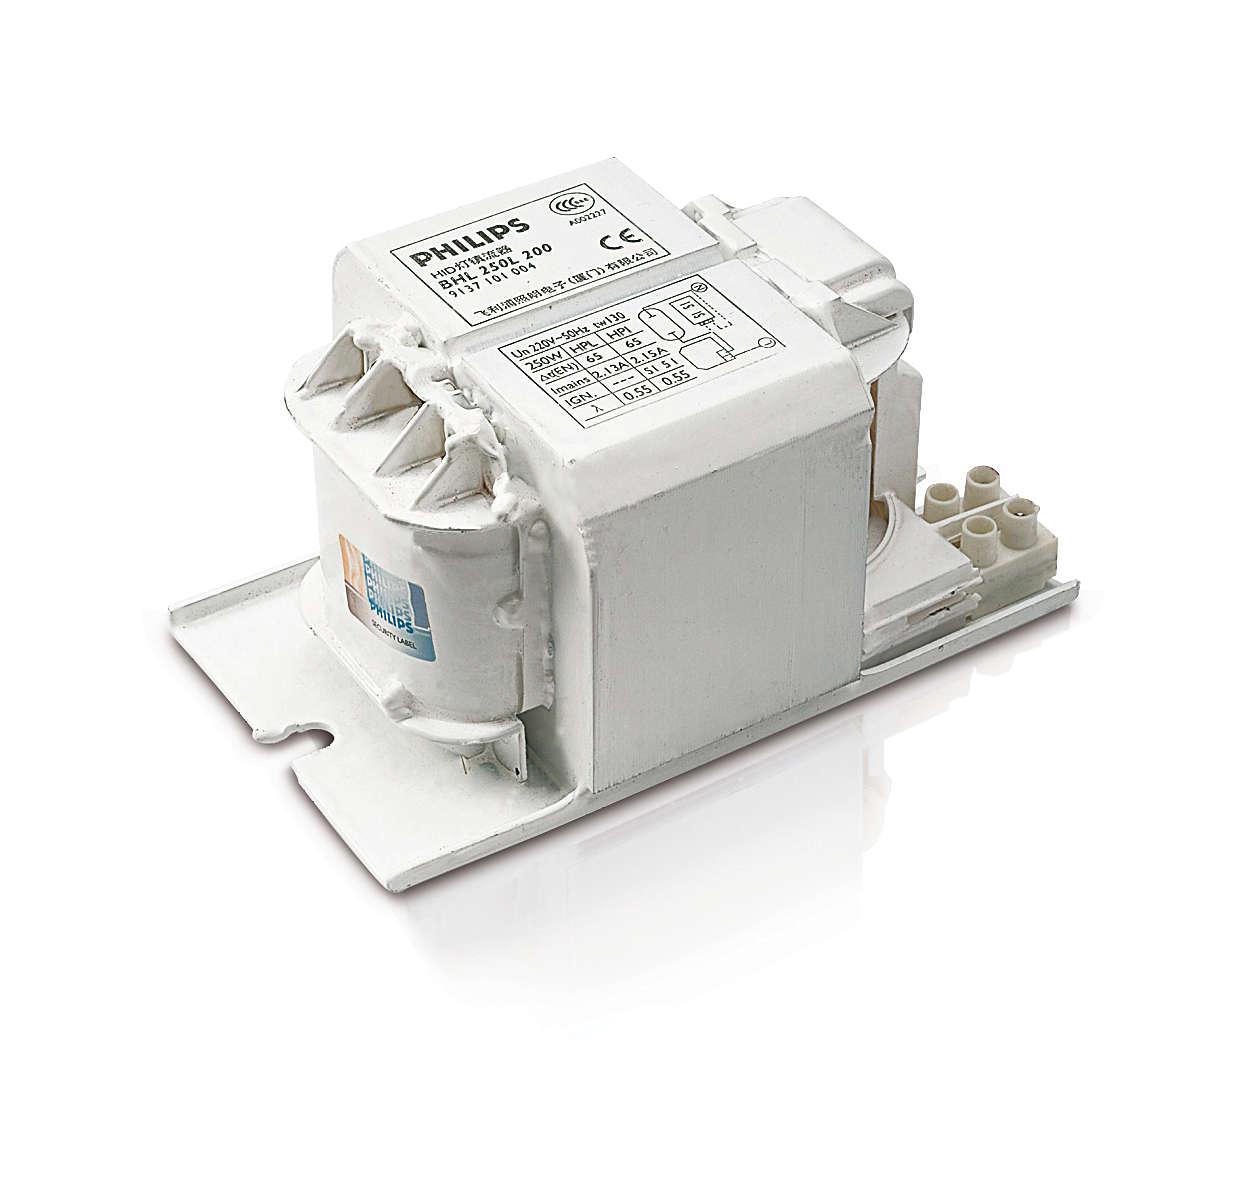 HPL 和 HPI(PLUS) 燈專用 HID-Basic 基本型安定器